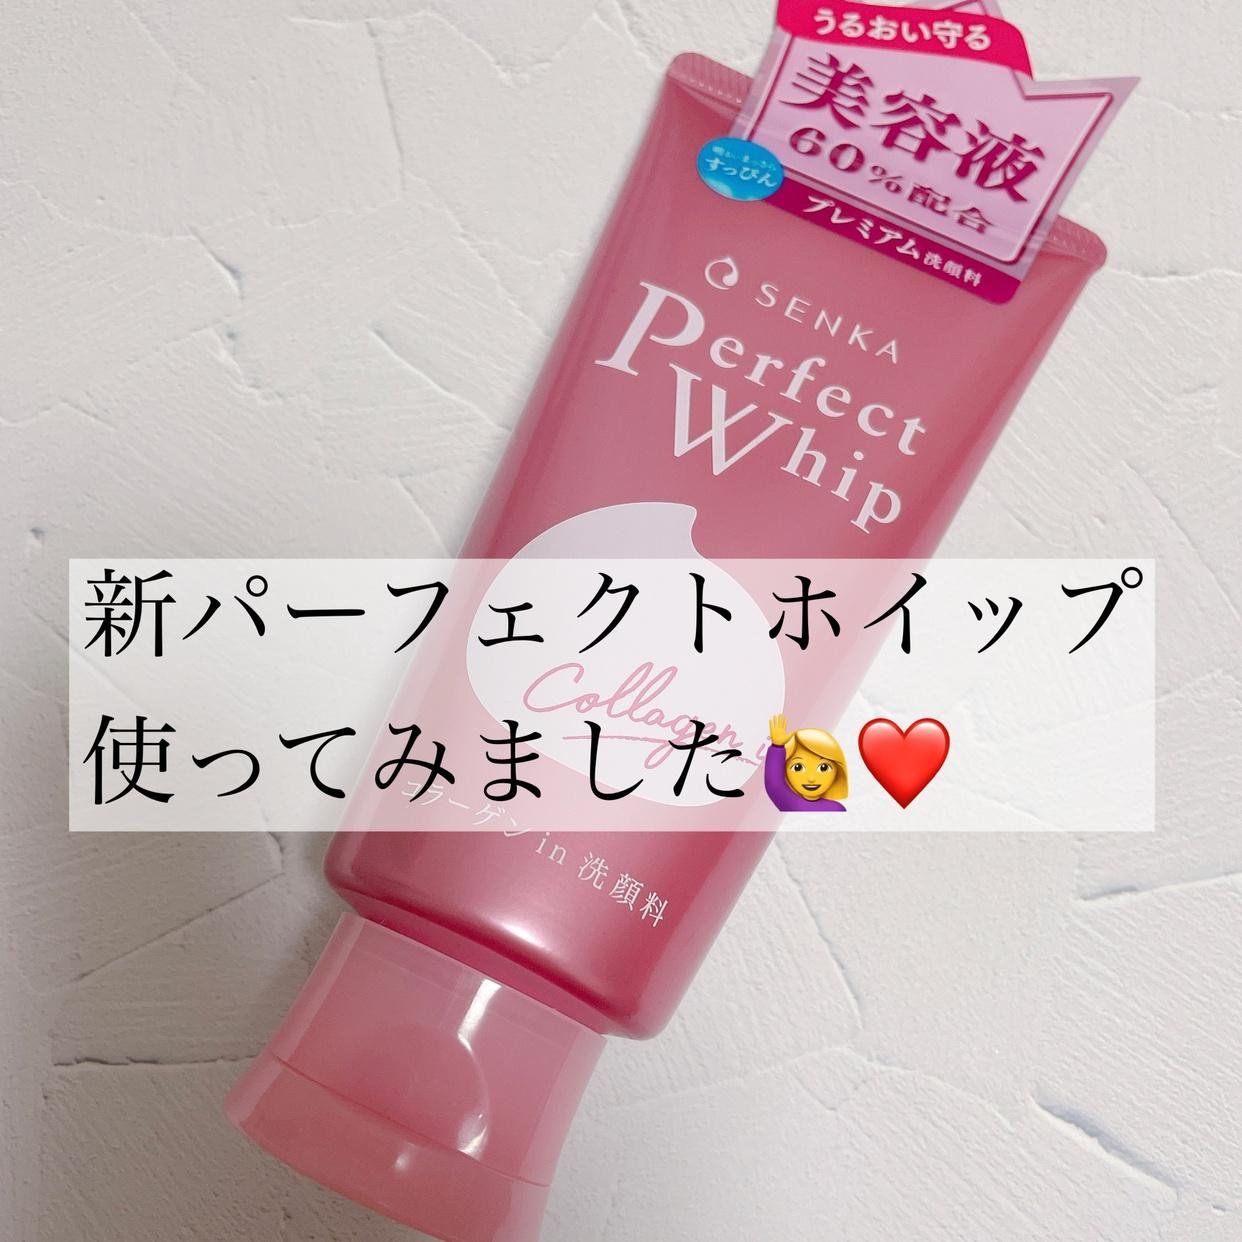 専科(SENKA) 洗顔専科 パーフェクトホイップコラーゲンinを使ったmuu❤︎さんのクチコミ画像1